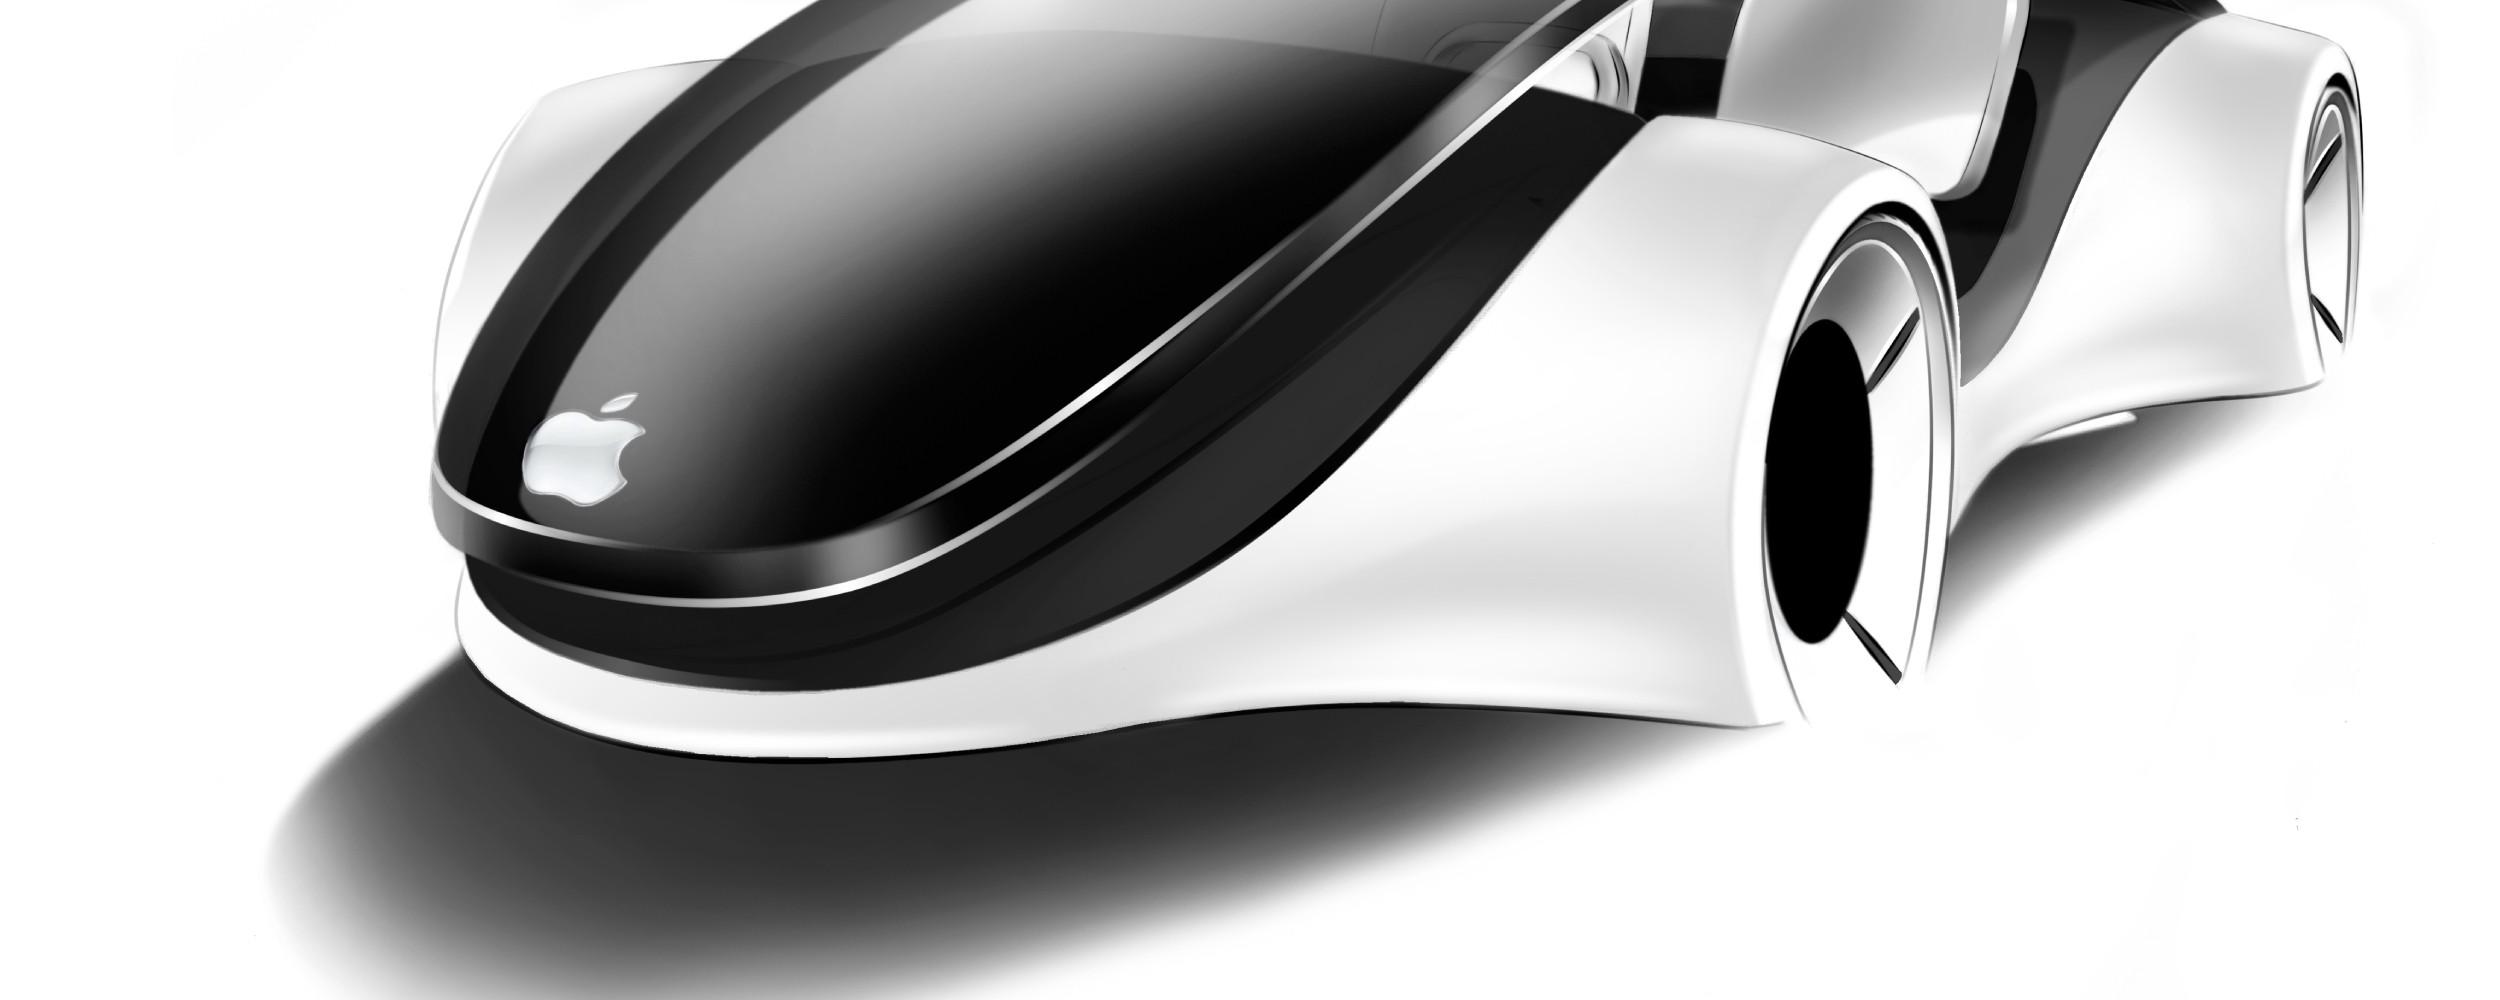 Apple se čím dál tím více zajímá o autonomní vozidla